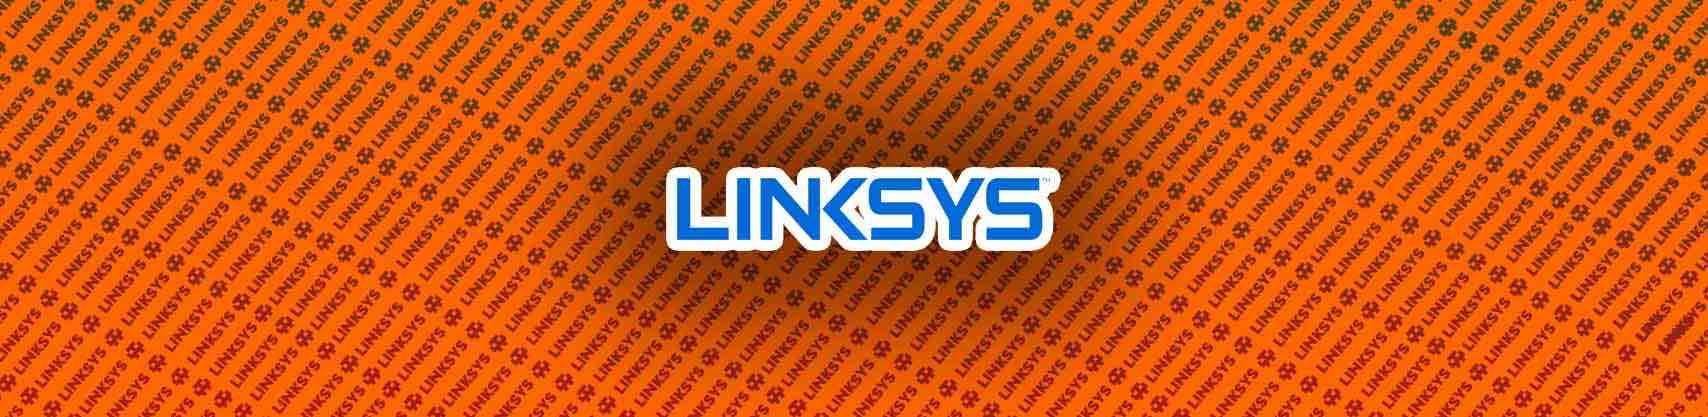 Linksys AC3200 Manual